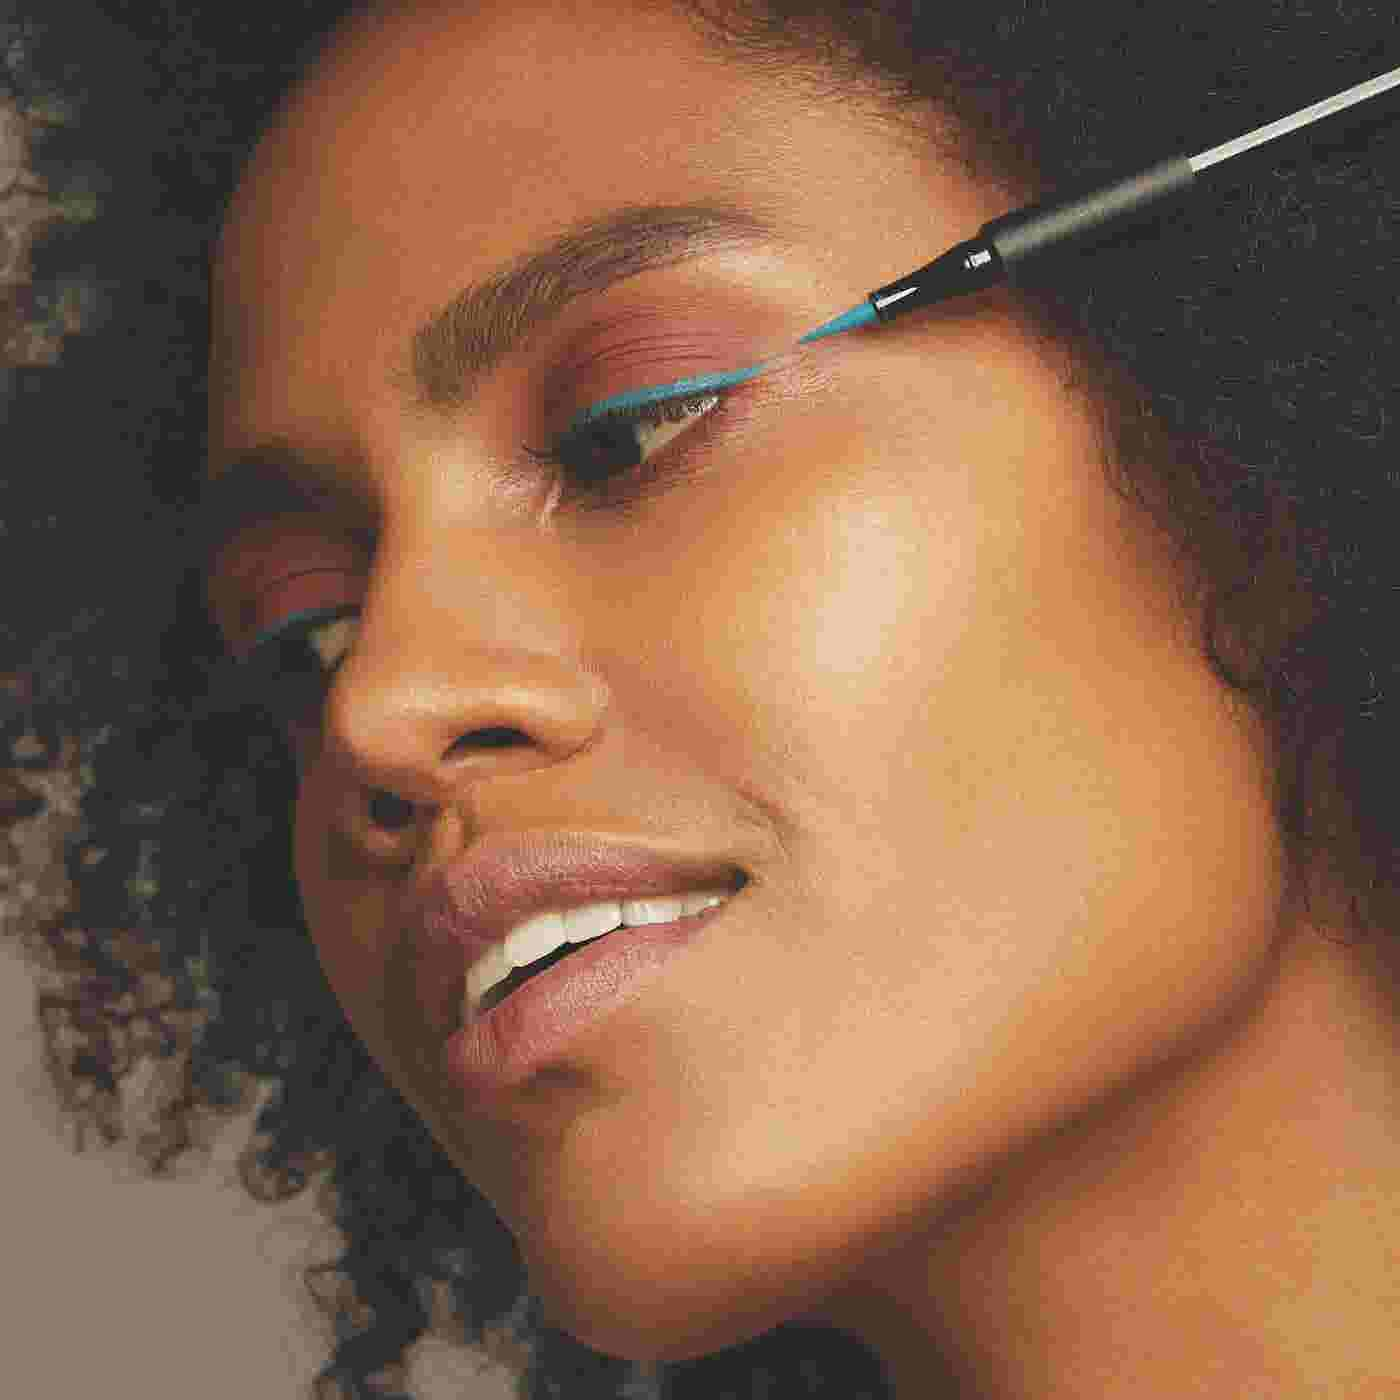 Model applying azure eyeliner for festival season